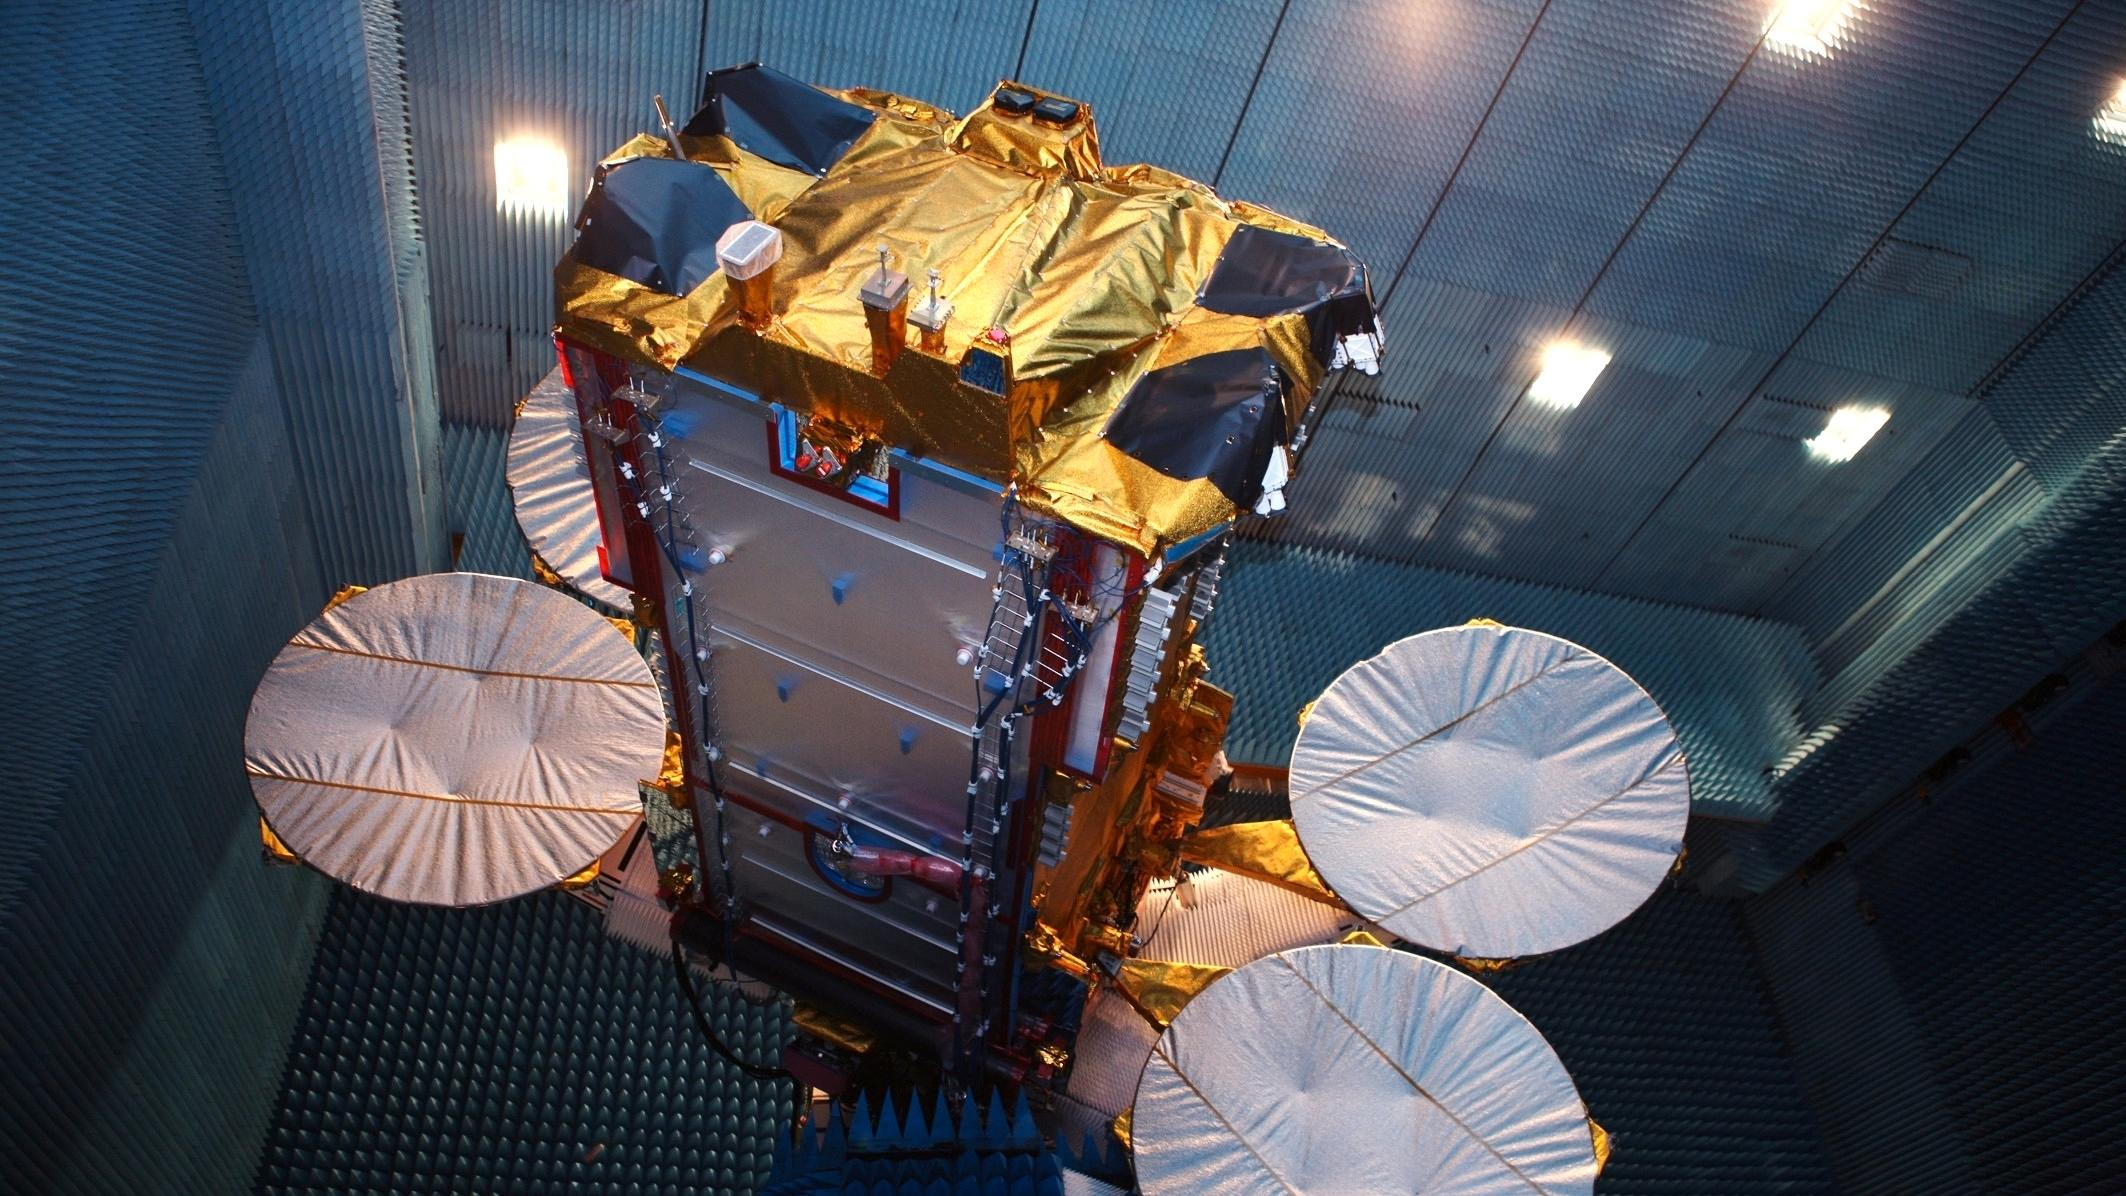 Lanserer 50 Mbit/s-bredbånd via satelitt